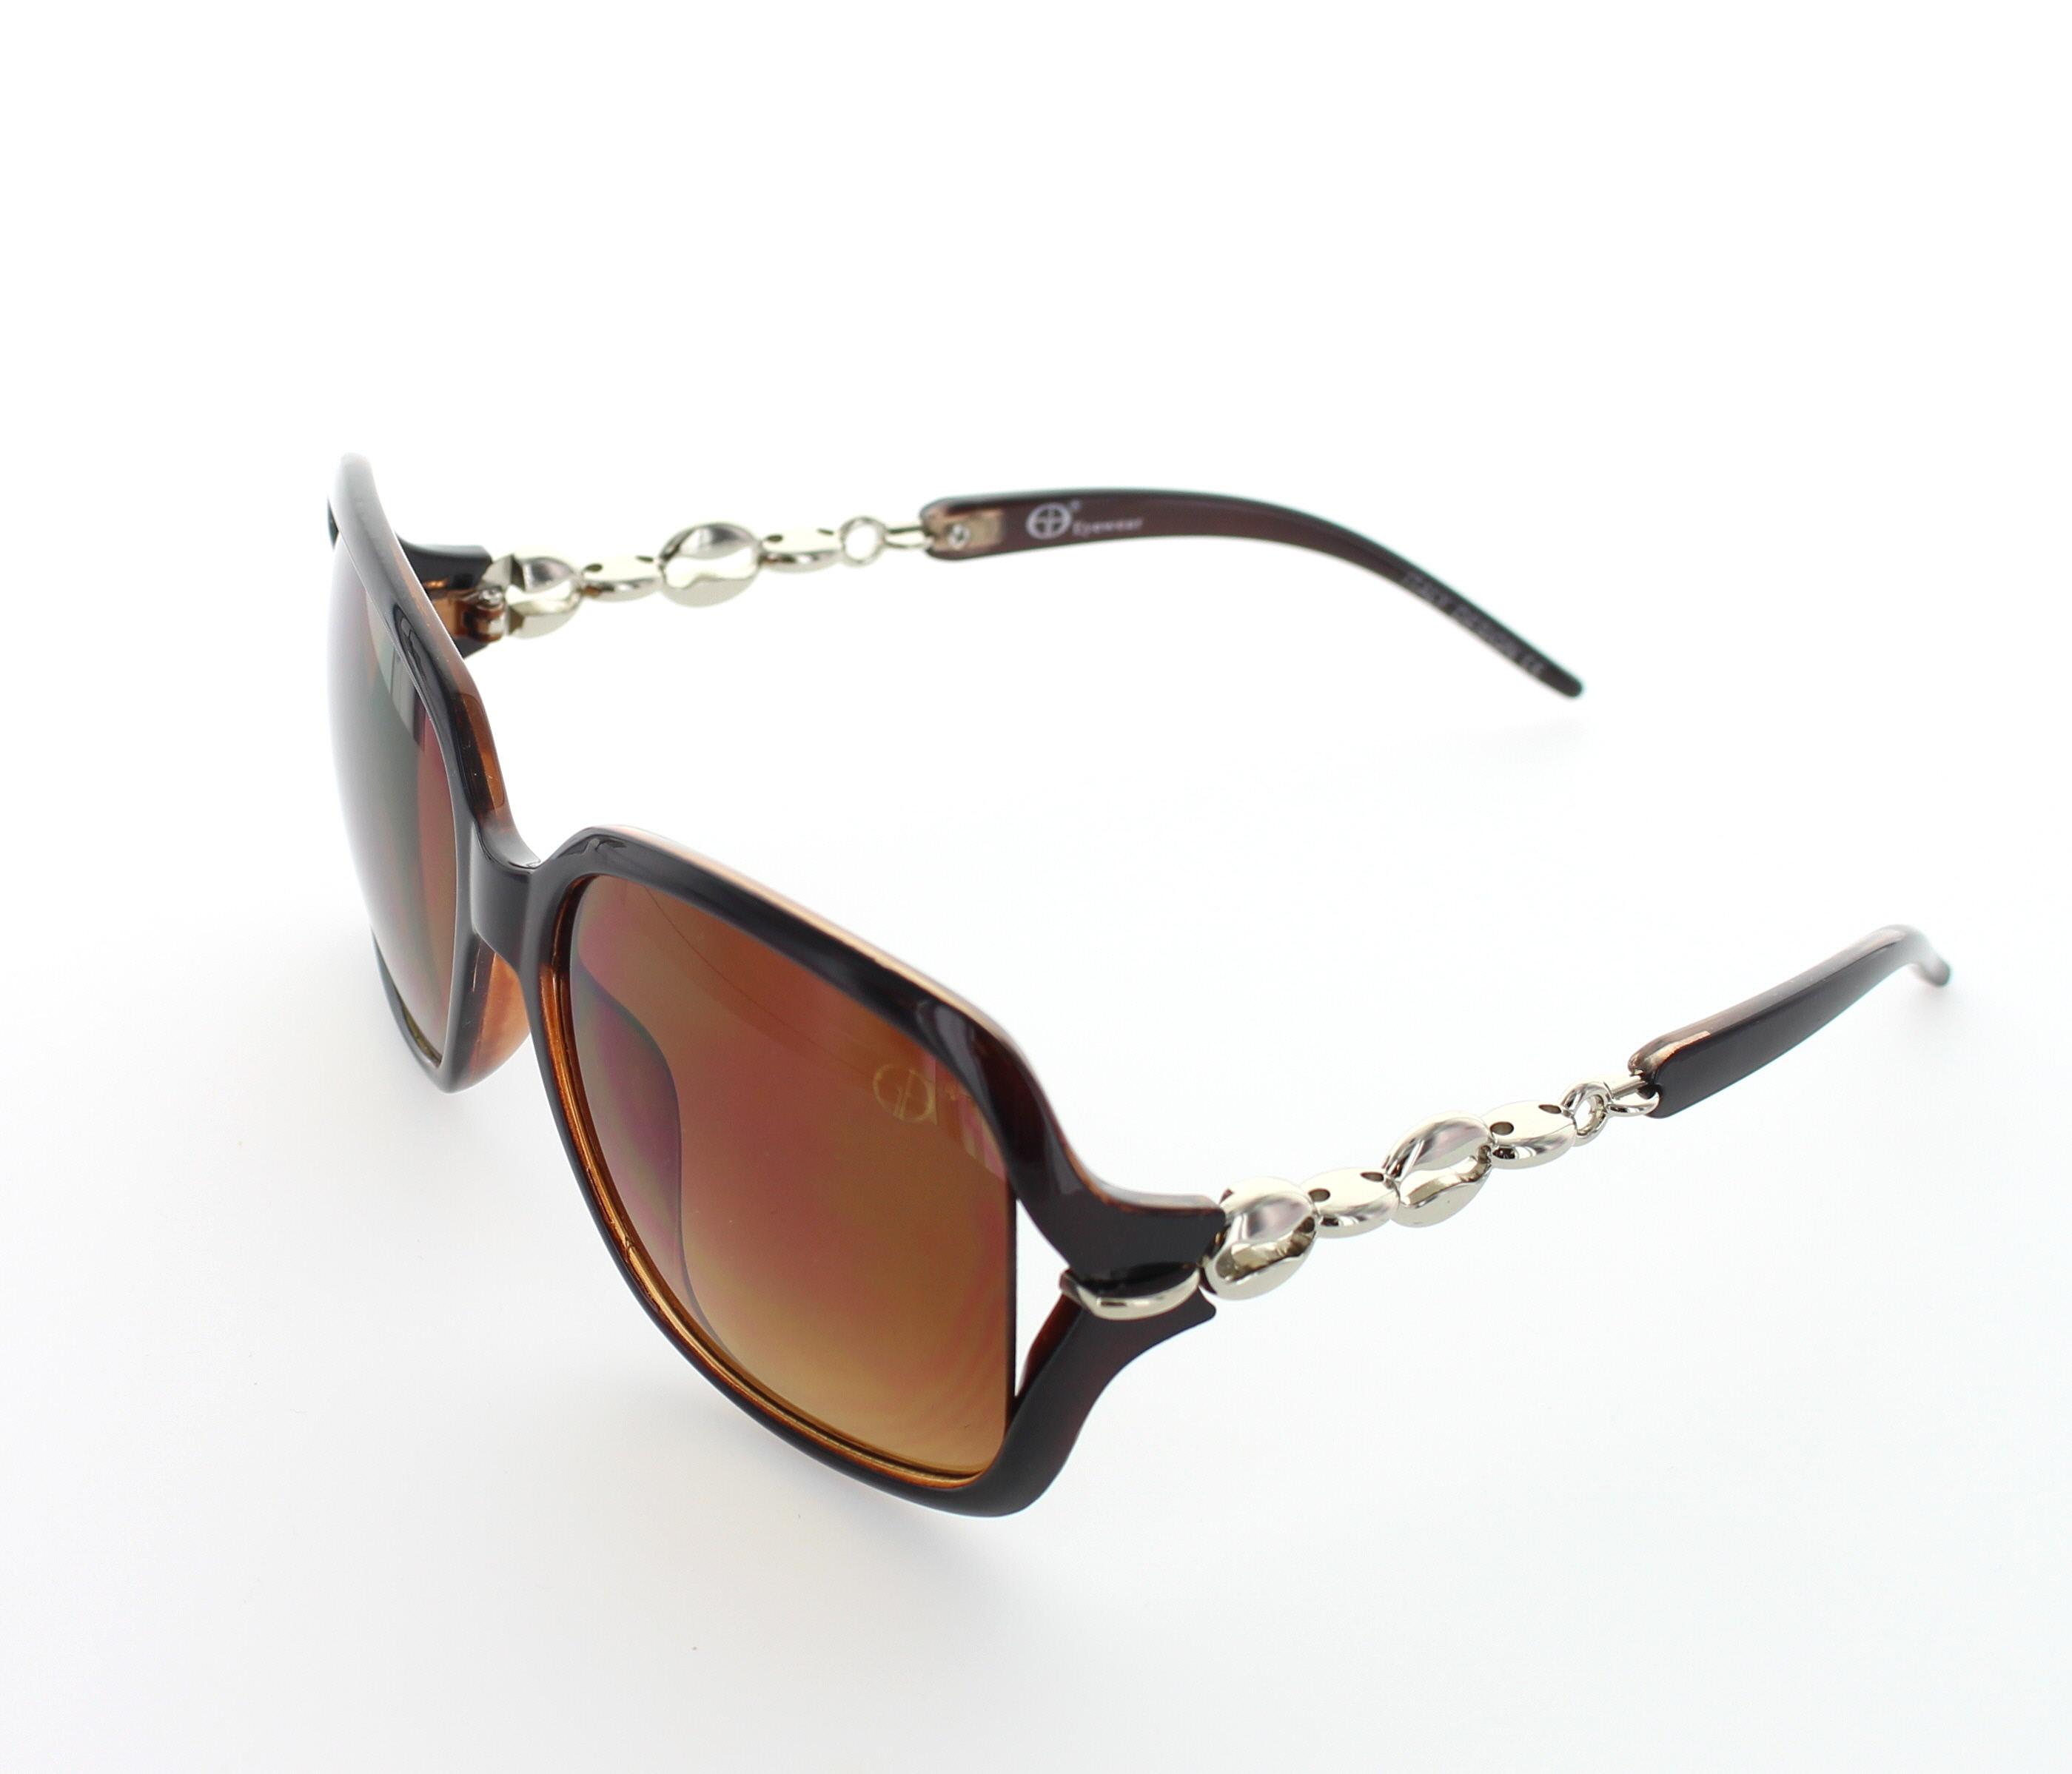 Designer Sunglasses Outlet Www Tapdance Org